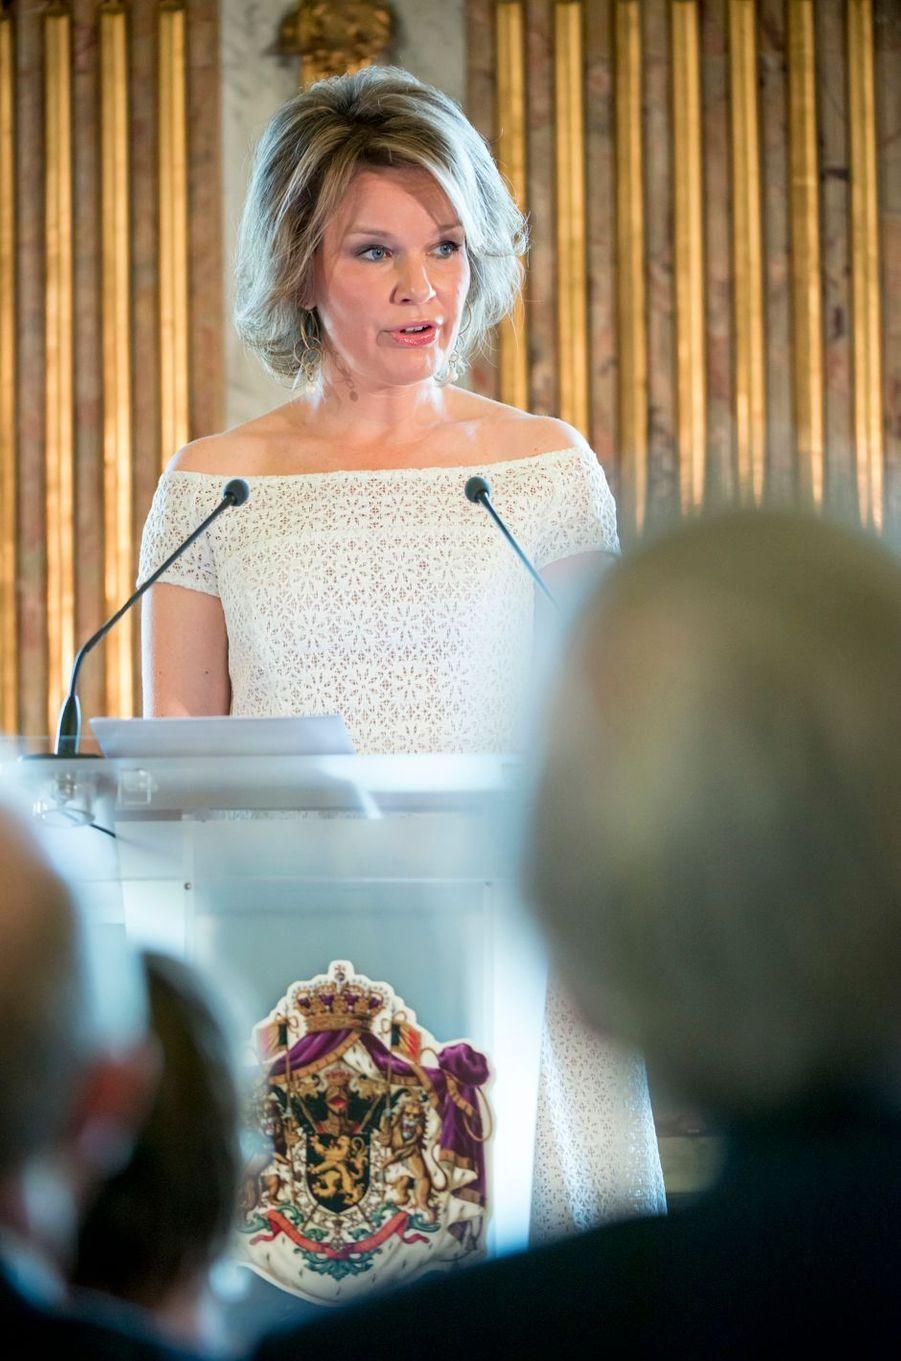 La reine Mathilde de Belgique à Bruxelles, le 12 mai 2016